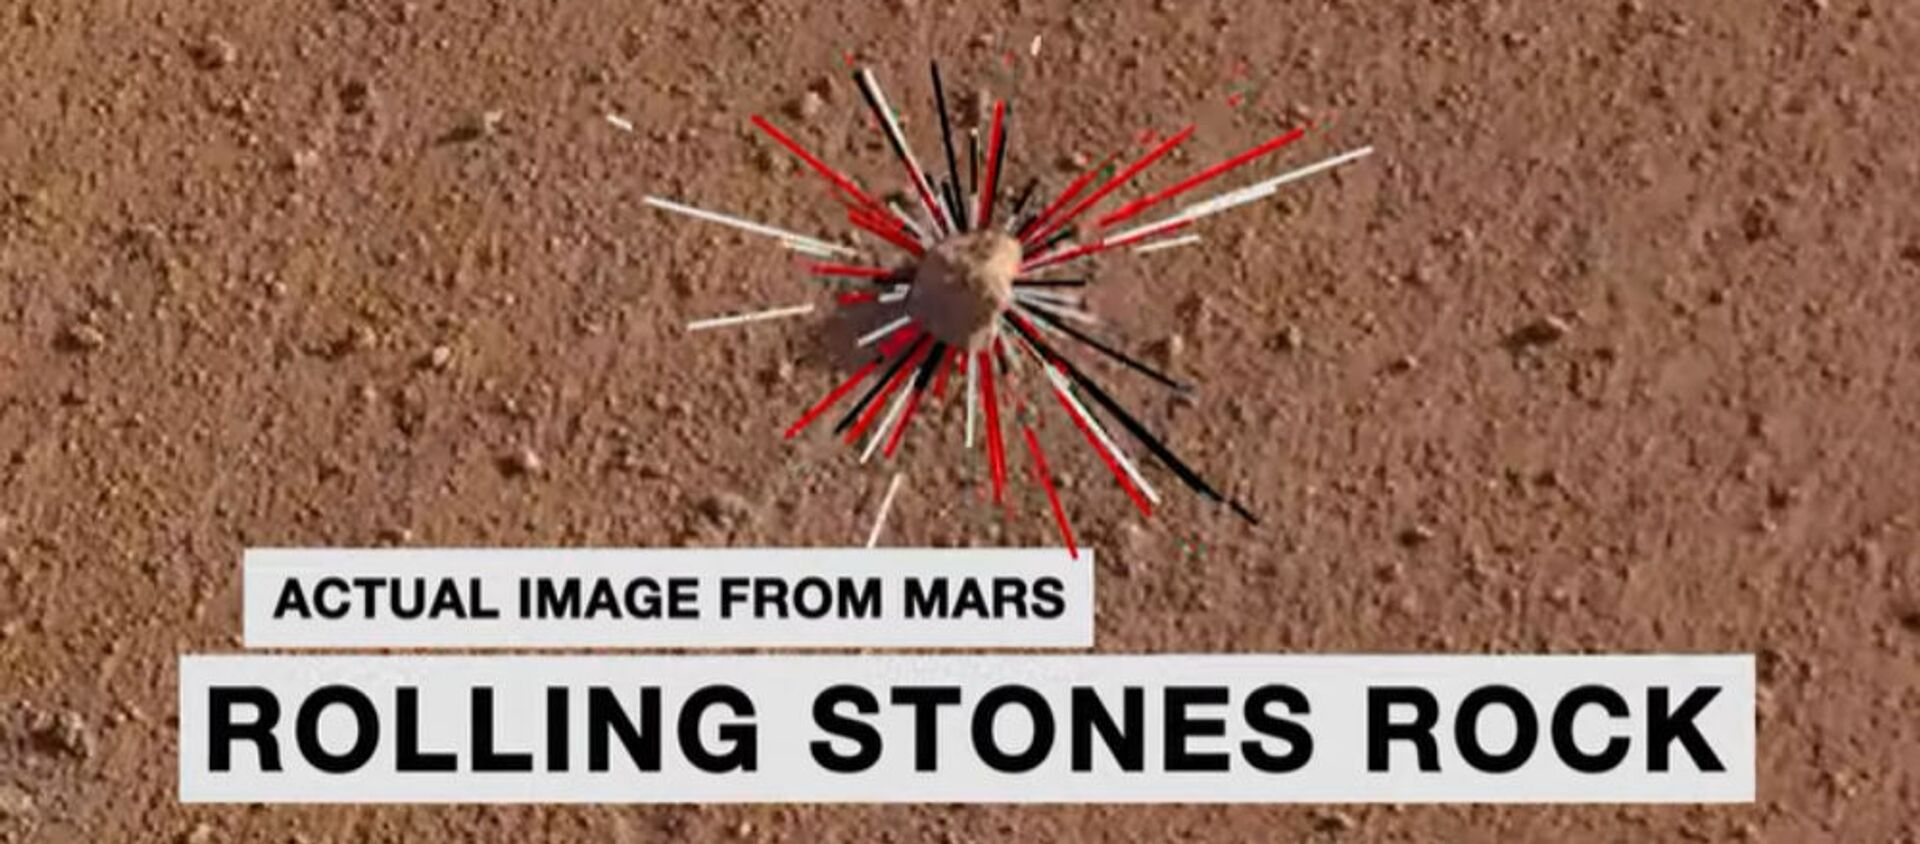 Διαστημική πέτρα στον Άρη πήρε το όνομα των Rolling Stones - Sputnik Ελλάδα, 1920, 25.08.2019